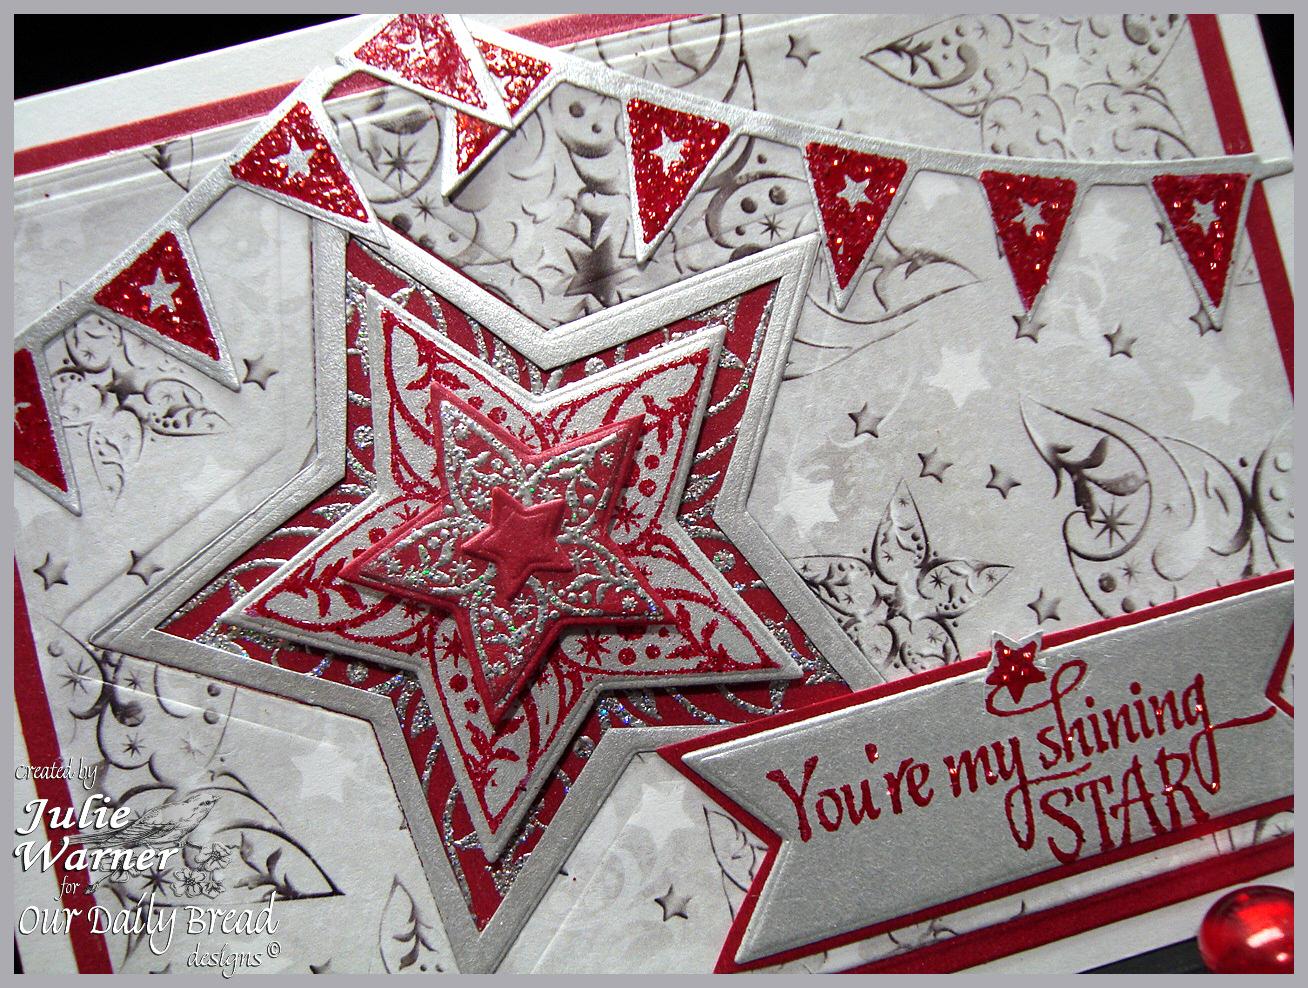 Shining Star cu 04925